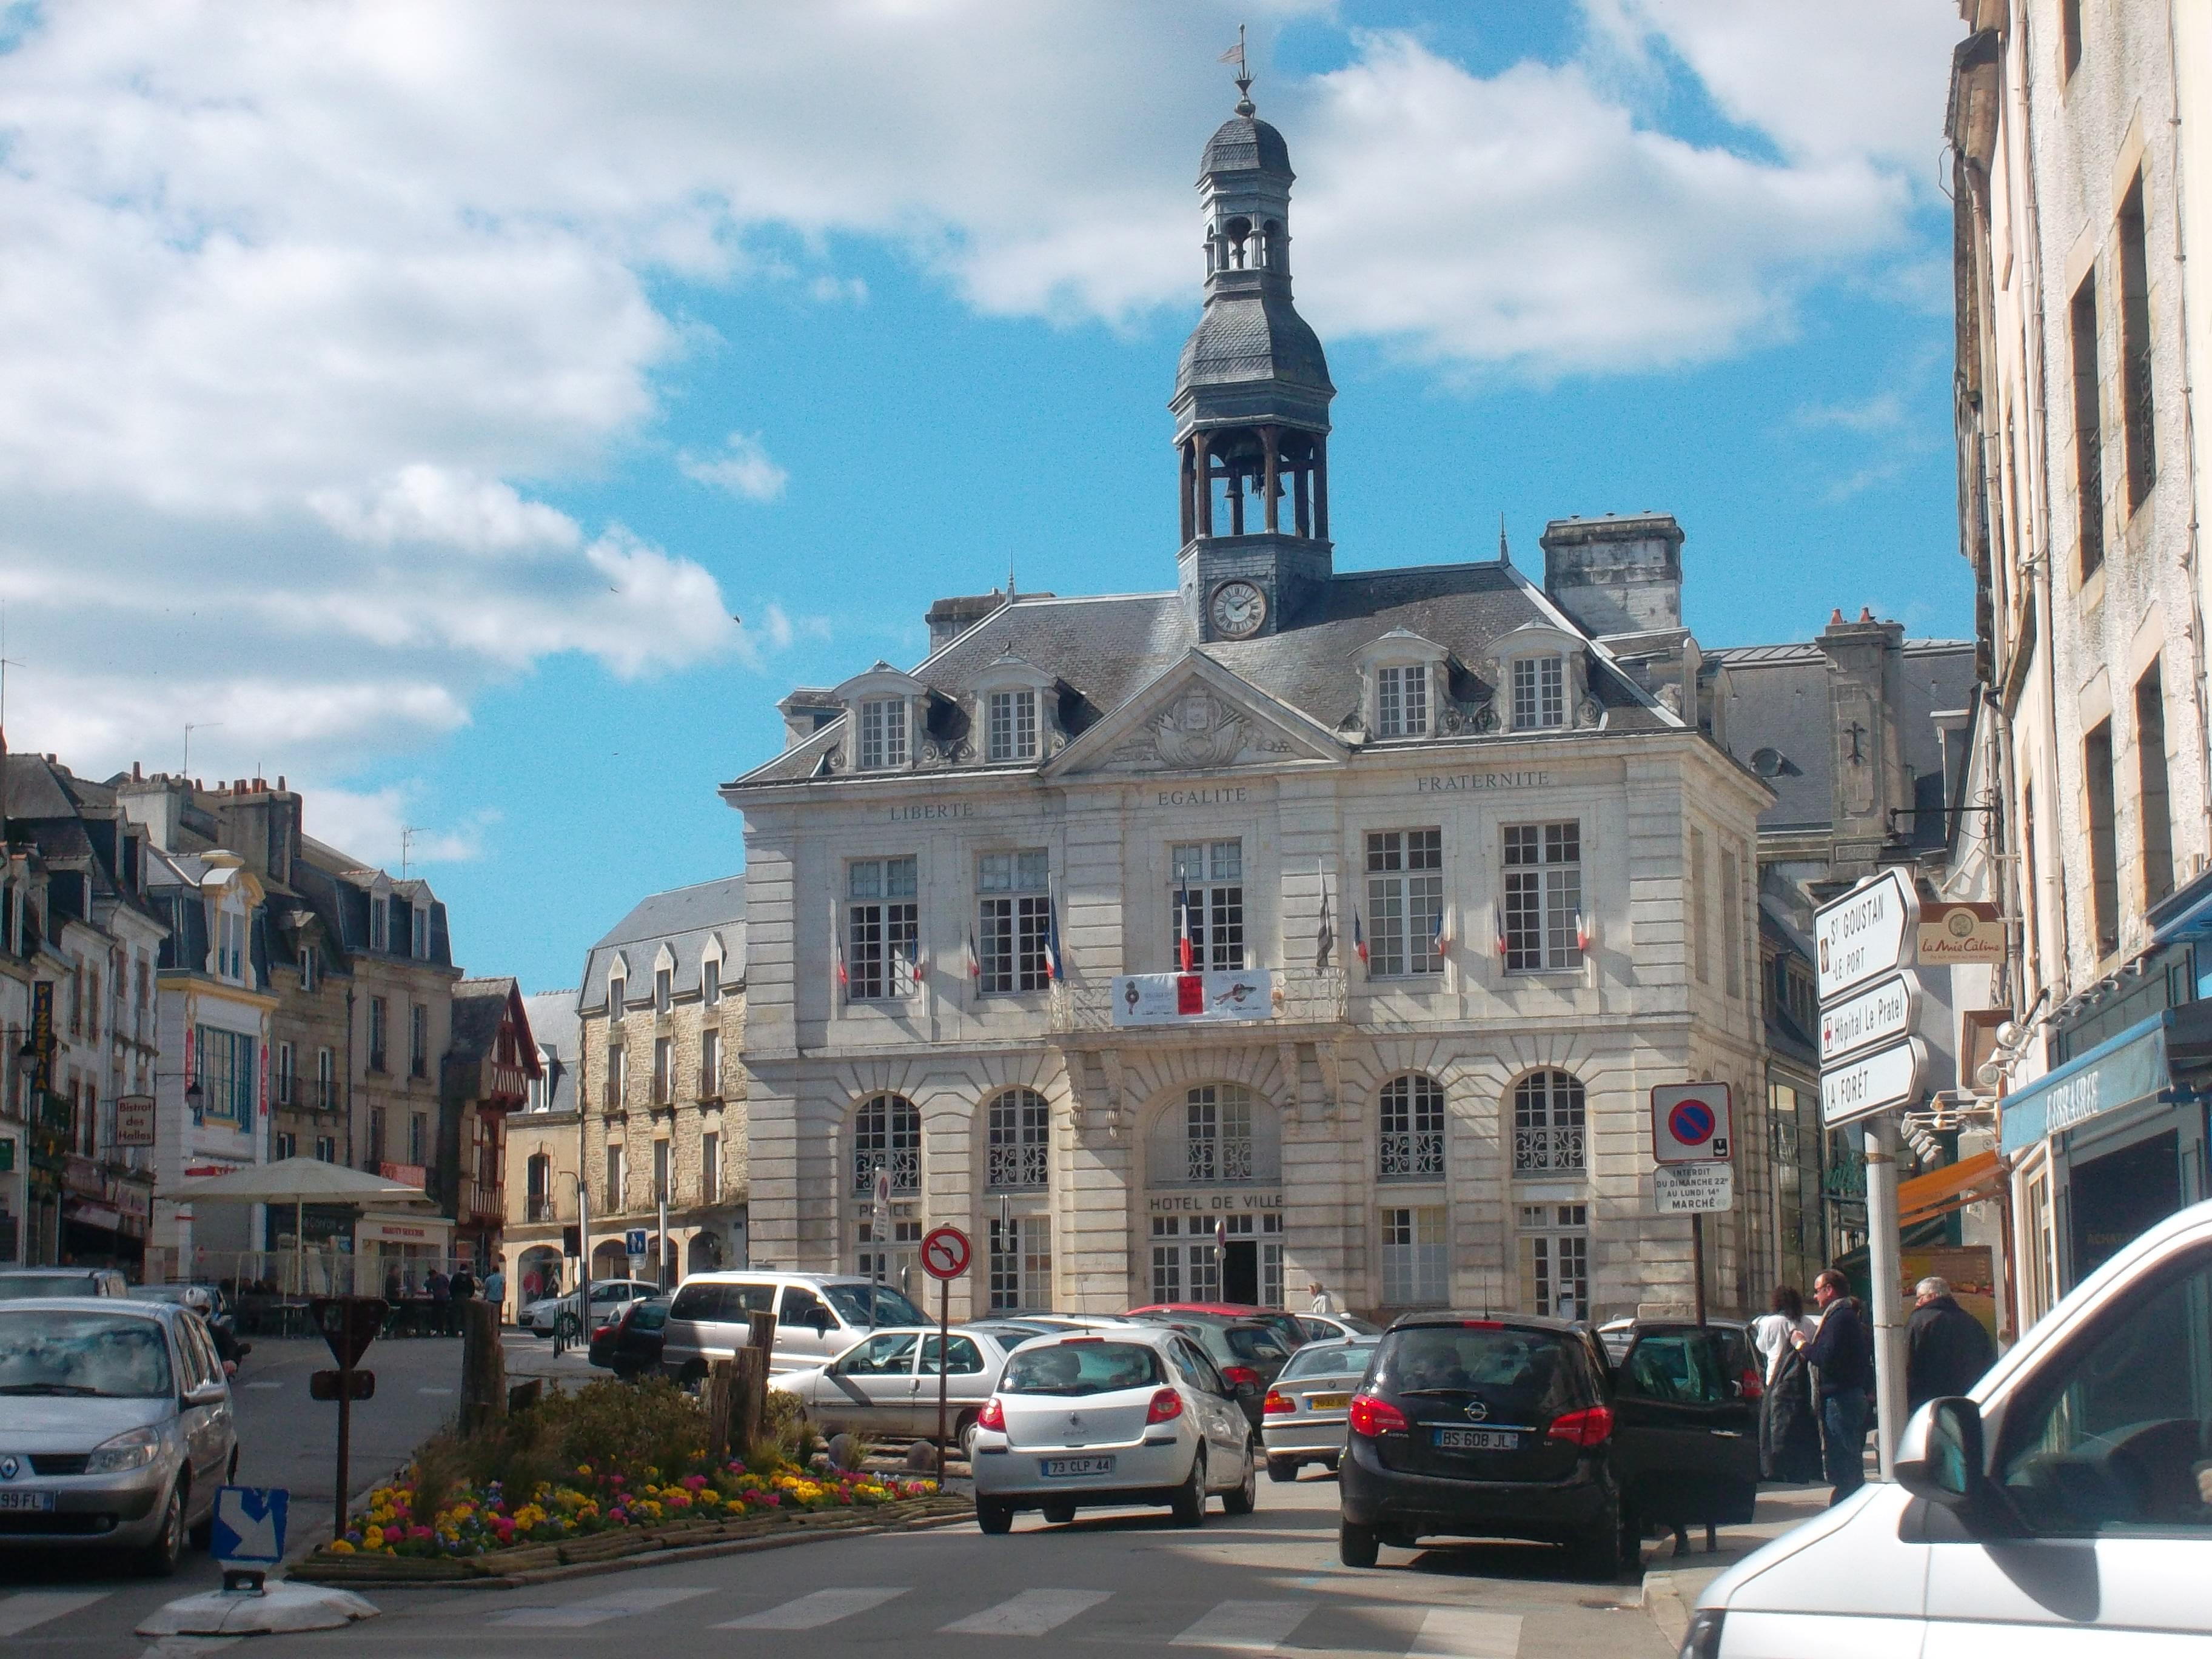 Auray pl de la republique hotel de ville mars12